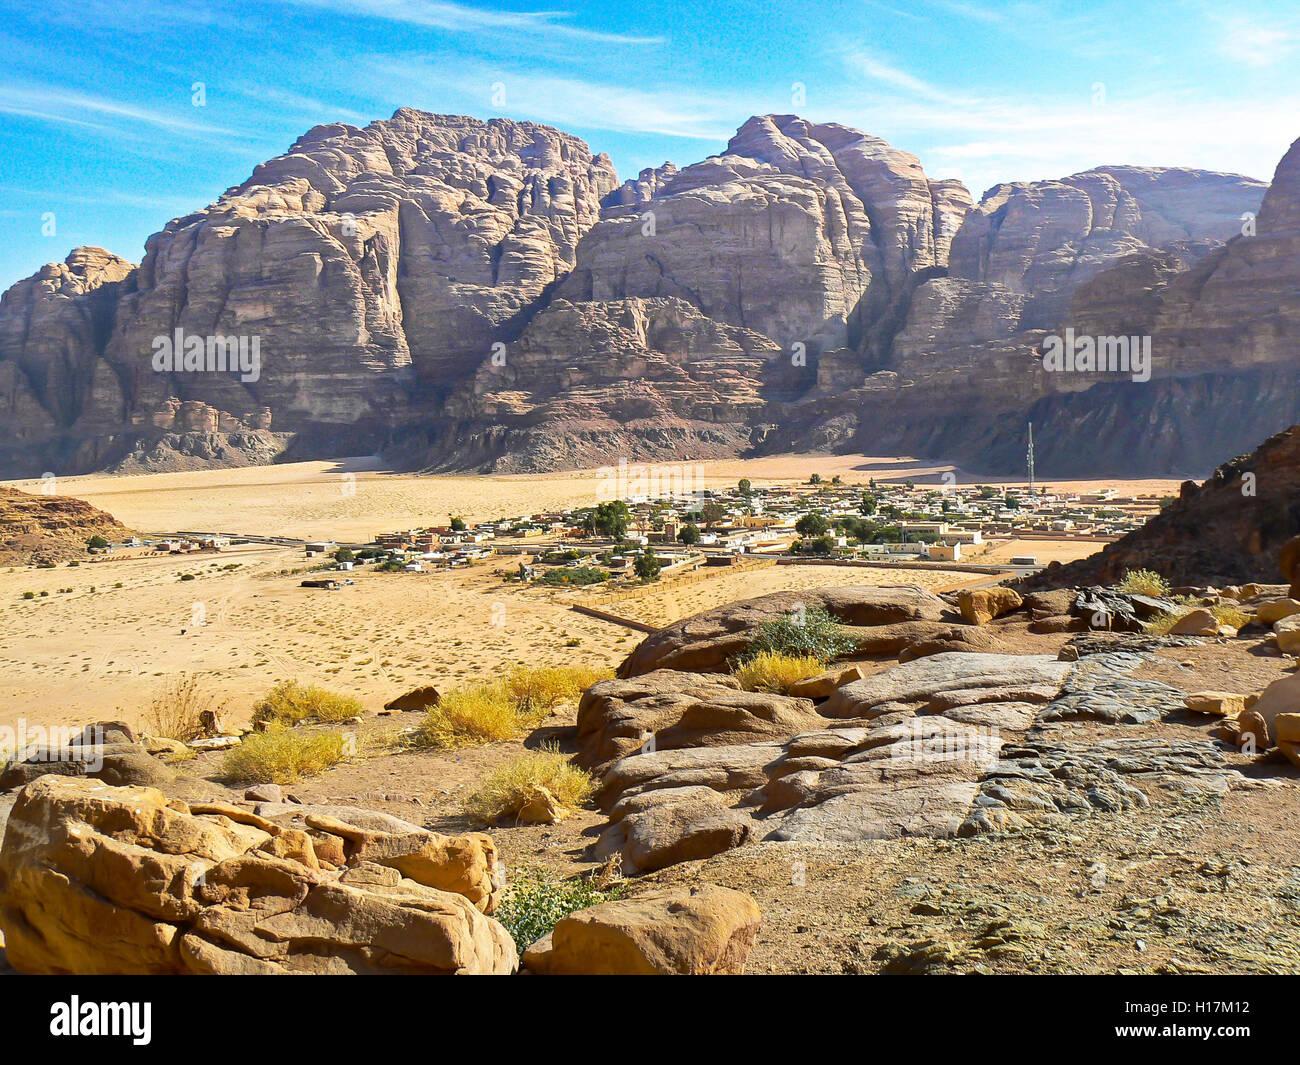 Das Dorf Wadi Rum von oben, Jordanien Stockbild